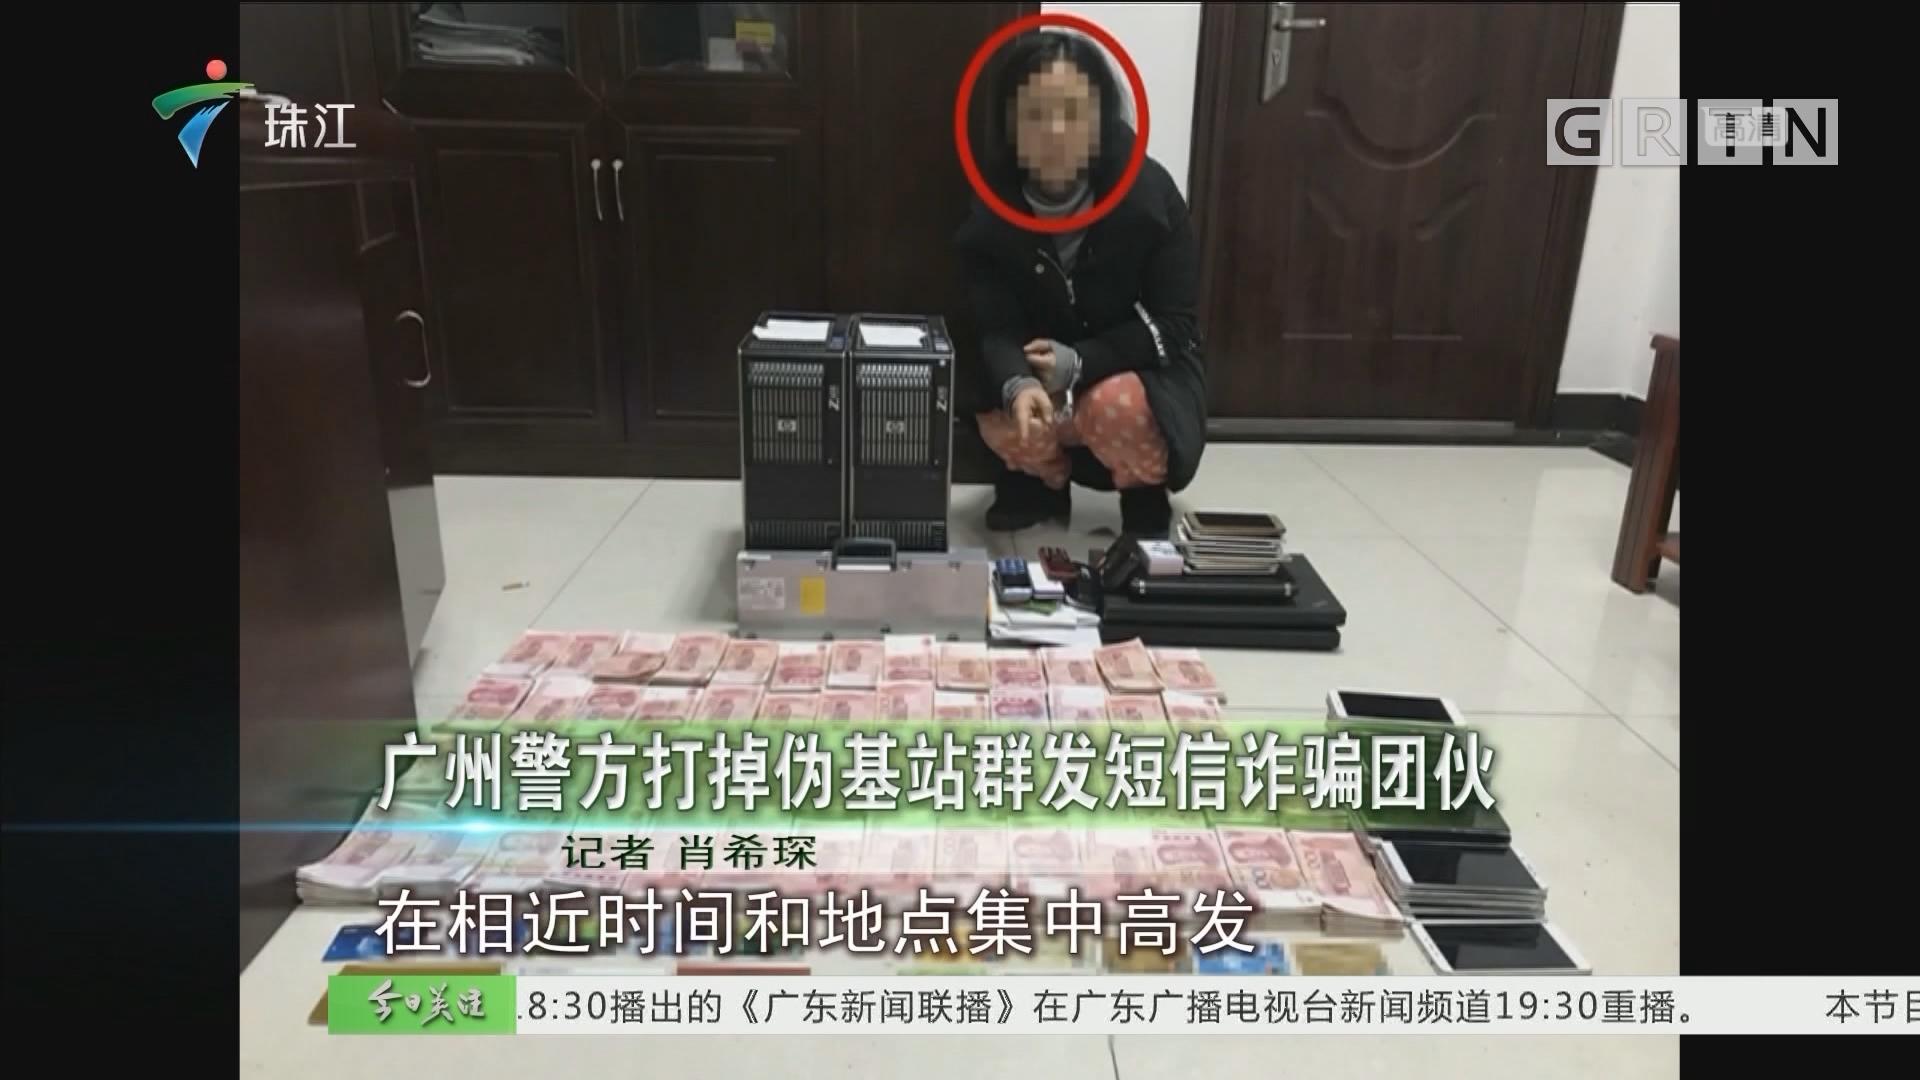 广州警方打掉伪基站群发短信诈骗团伙